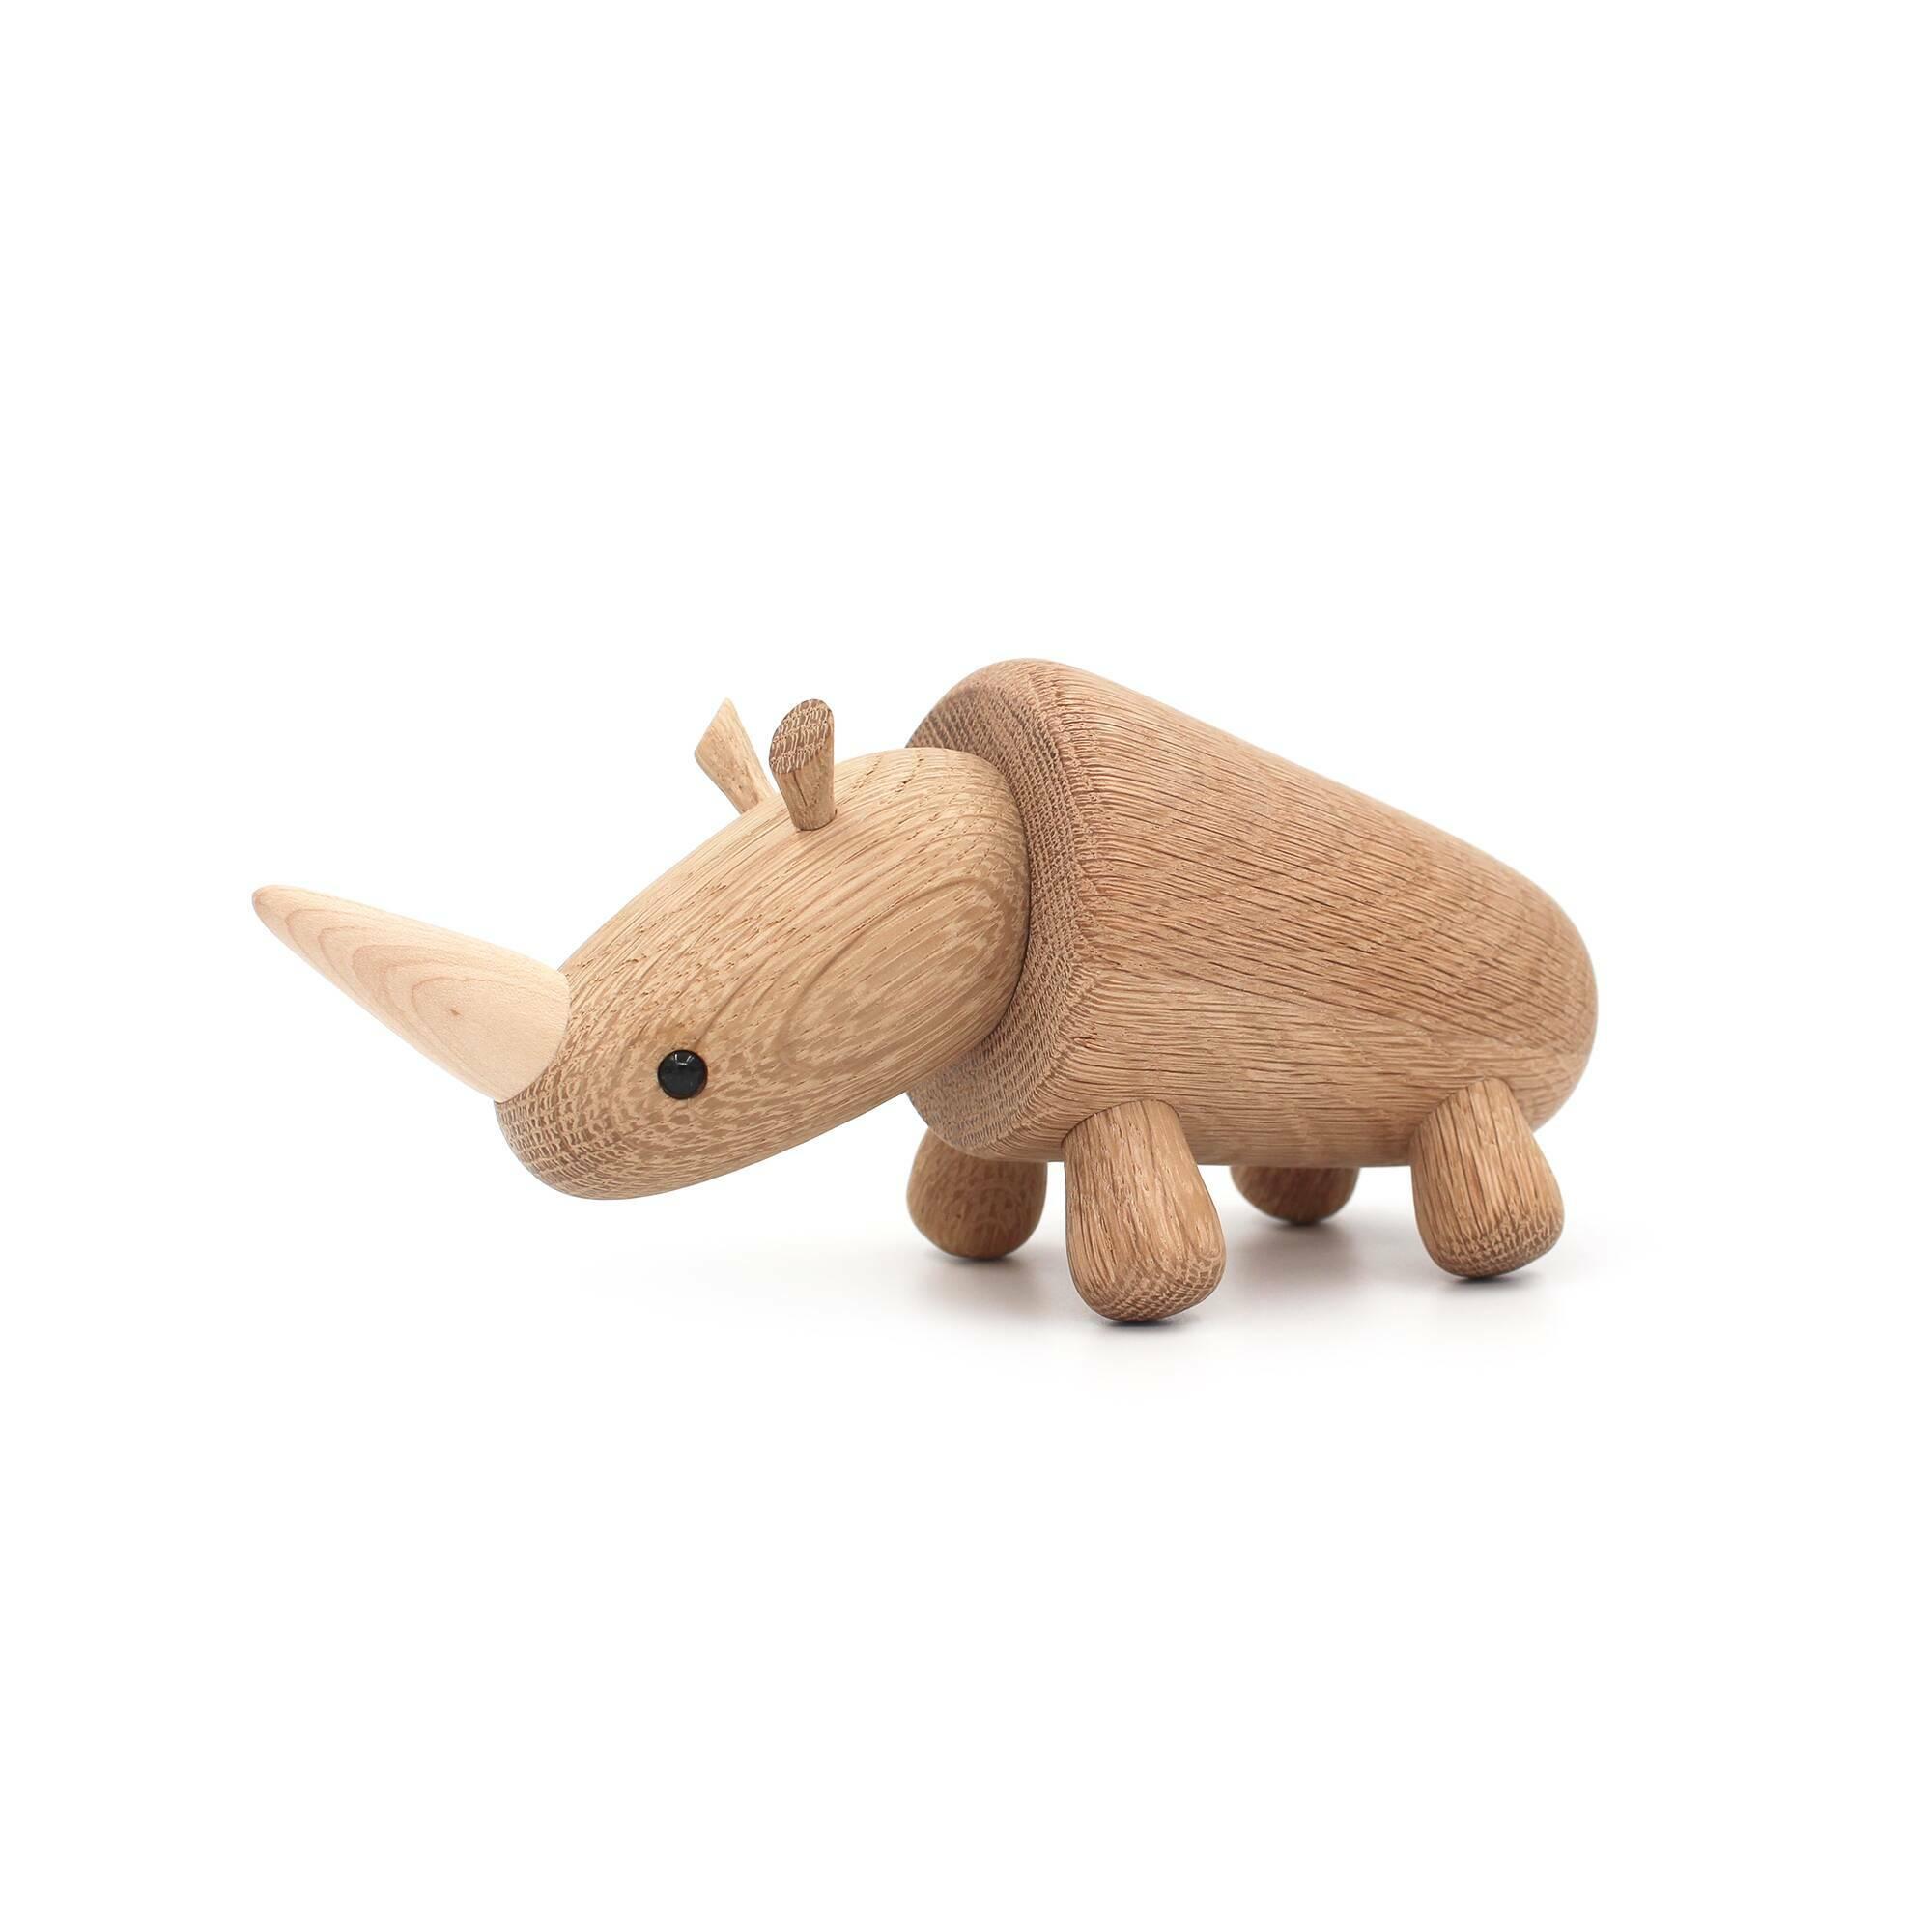 Статуэтка RhinoНастольные<br>Милый носорог, исполненный в дереве, будет прекрасным компаньоном и украшением в любом интерьере. Дизайнерская статуэтка Rhino (Рино) обладает спокойным характером и подойдет для декорирования практически любого современного интерьера.<br><br><br> Массив дуба, из которого создана эта фигурка, используется для изготовления самых разных элементов интерьера, от мебели до декора. И неудивительно, ведь дуб обладает высокими показателями физических свойств и прекрасными декоративными данными.<br><br><br> Ор...<br><br>stock: 4<br>Материал: Массив дуба<br>Цвет: Светло-коричневый<br>Длина: 20